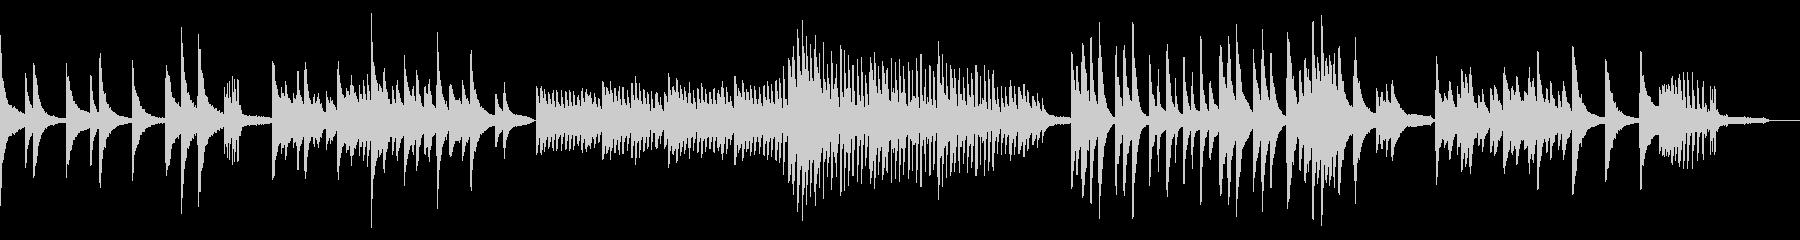 休日にゆっくり聴きたいピアノの未再生の波形